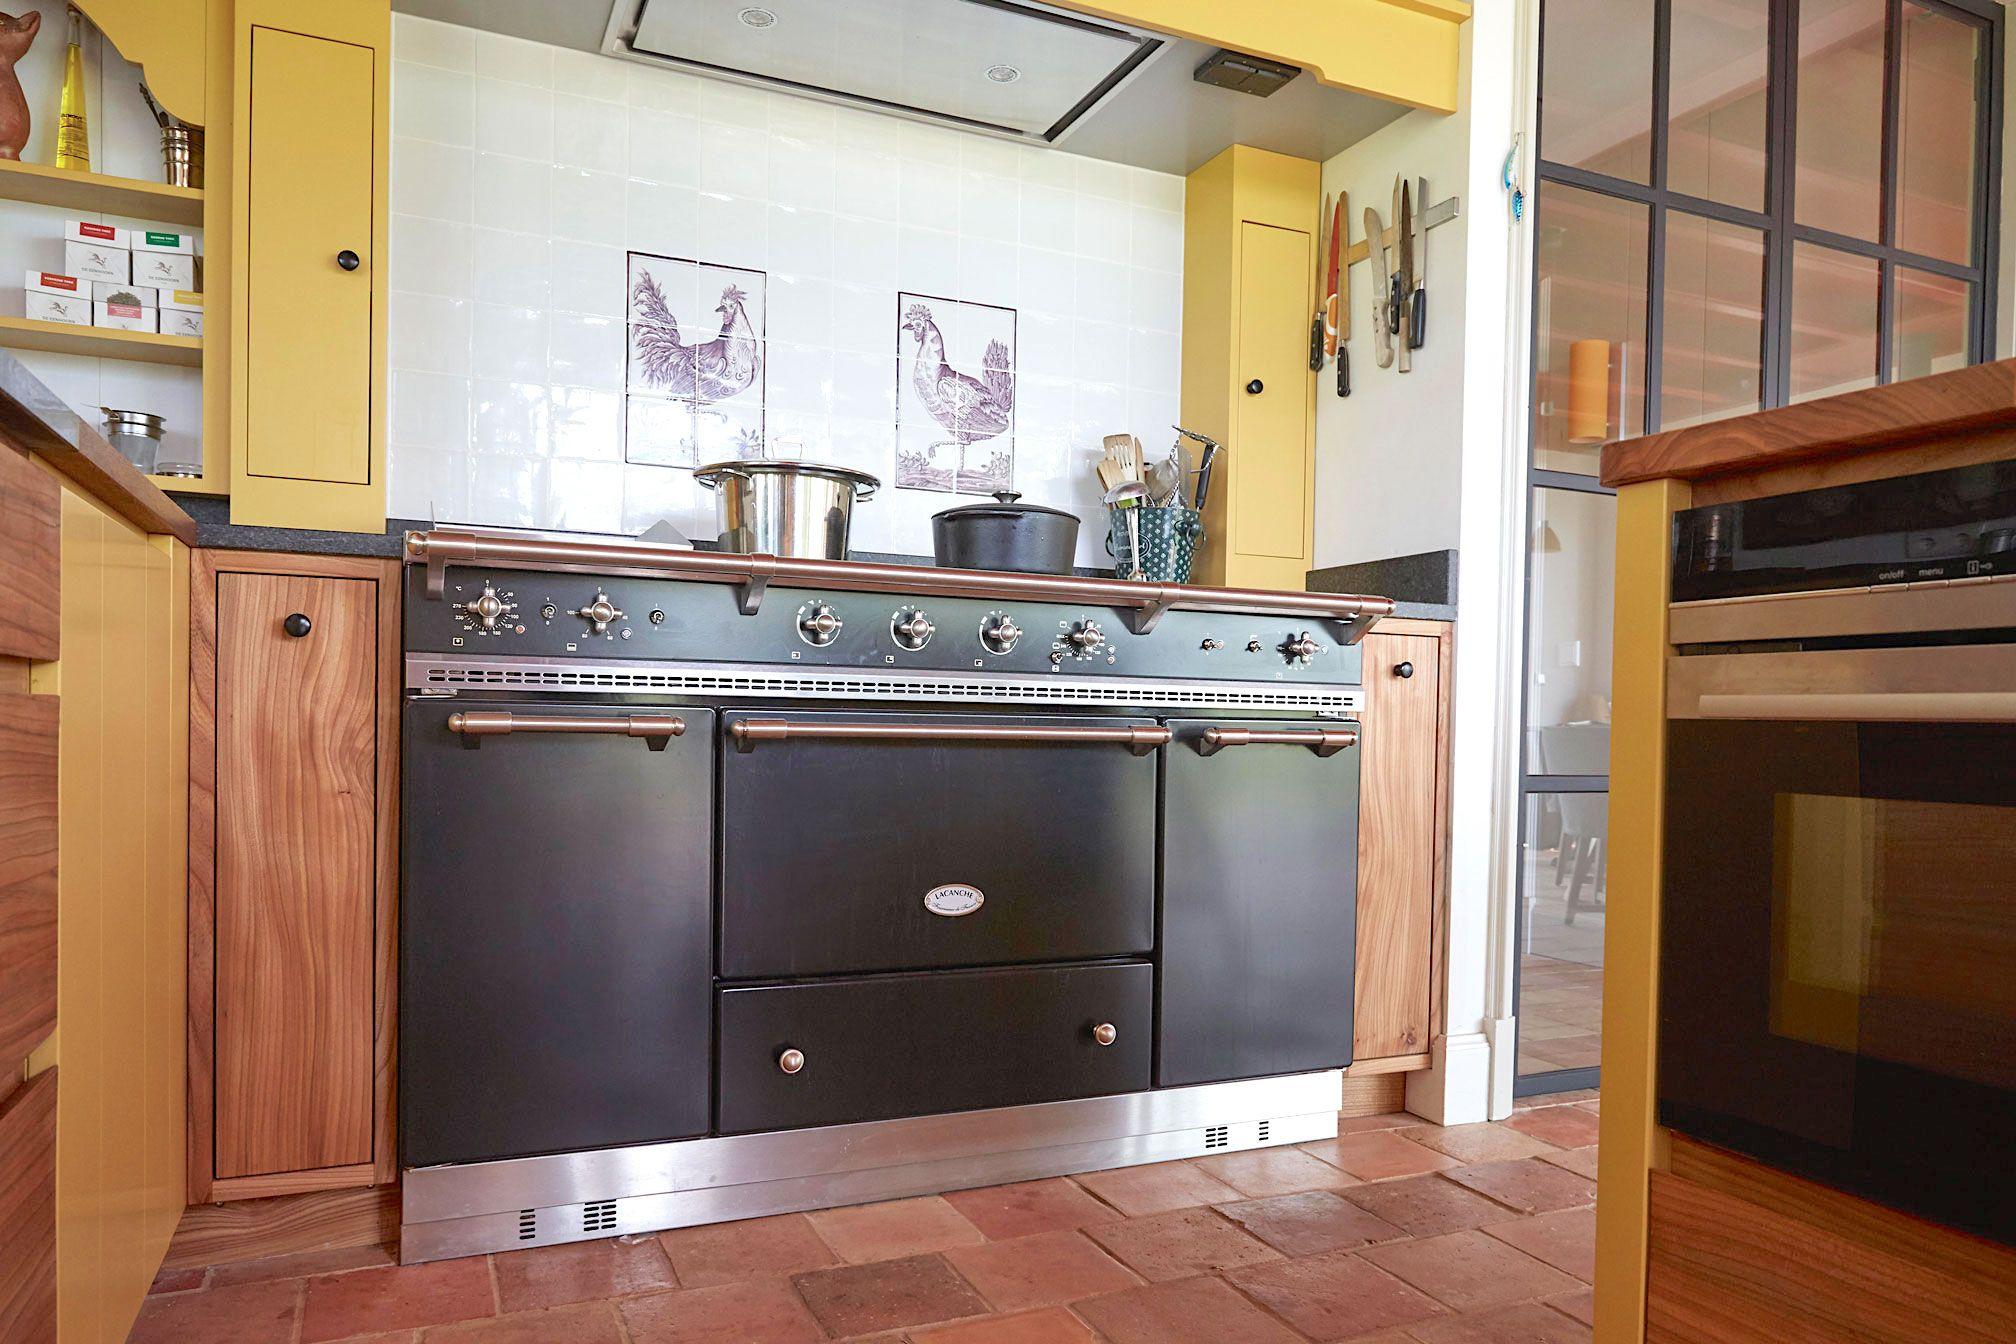 Landelijk Geel Keuken : Lacanche fornuis in een landelijke keuken met gele accenten het